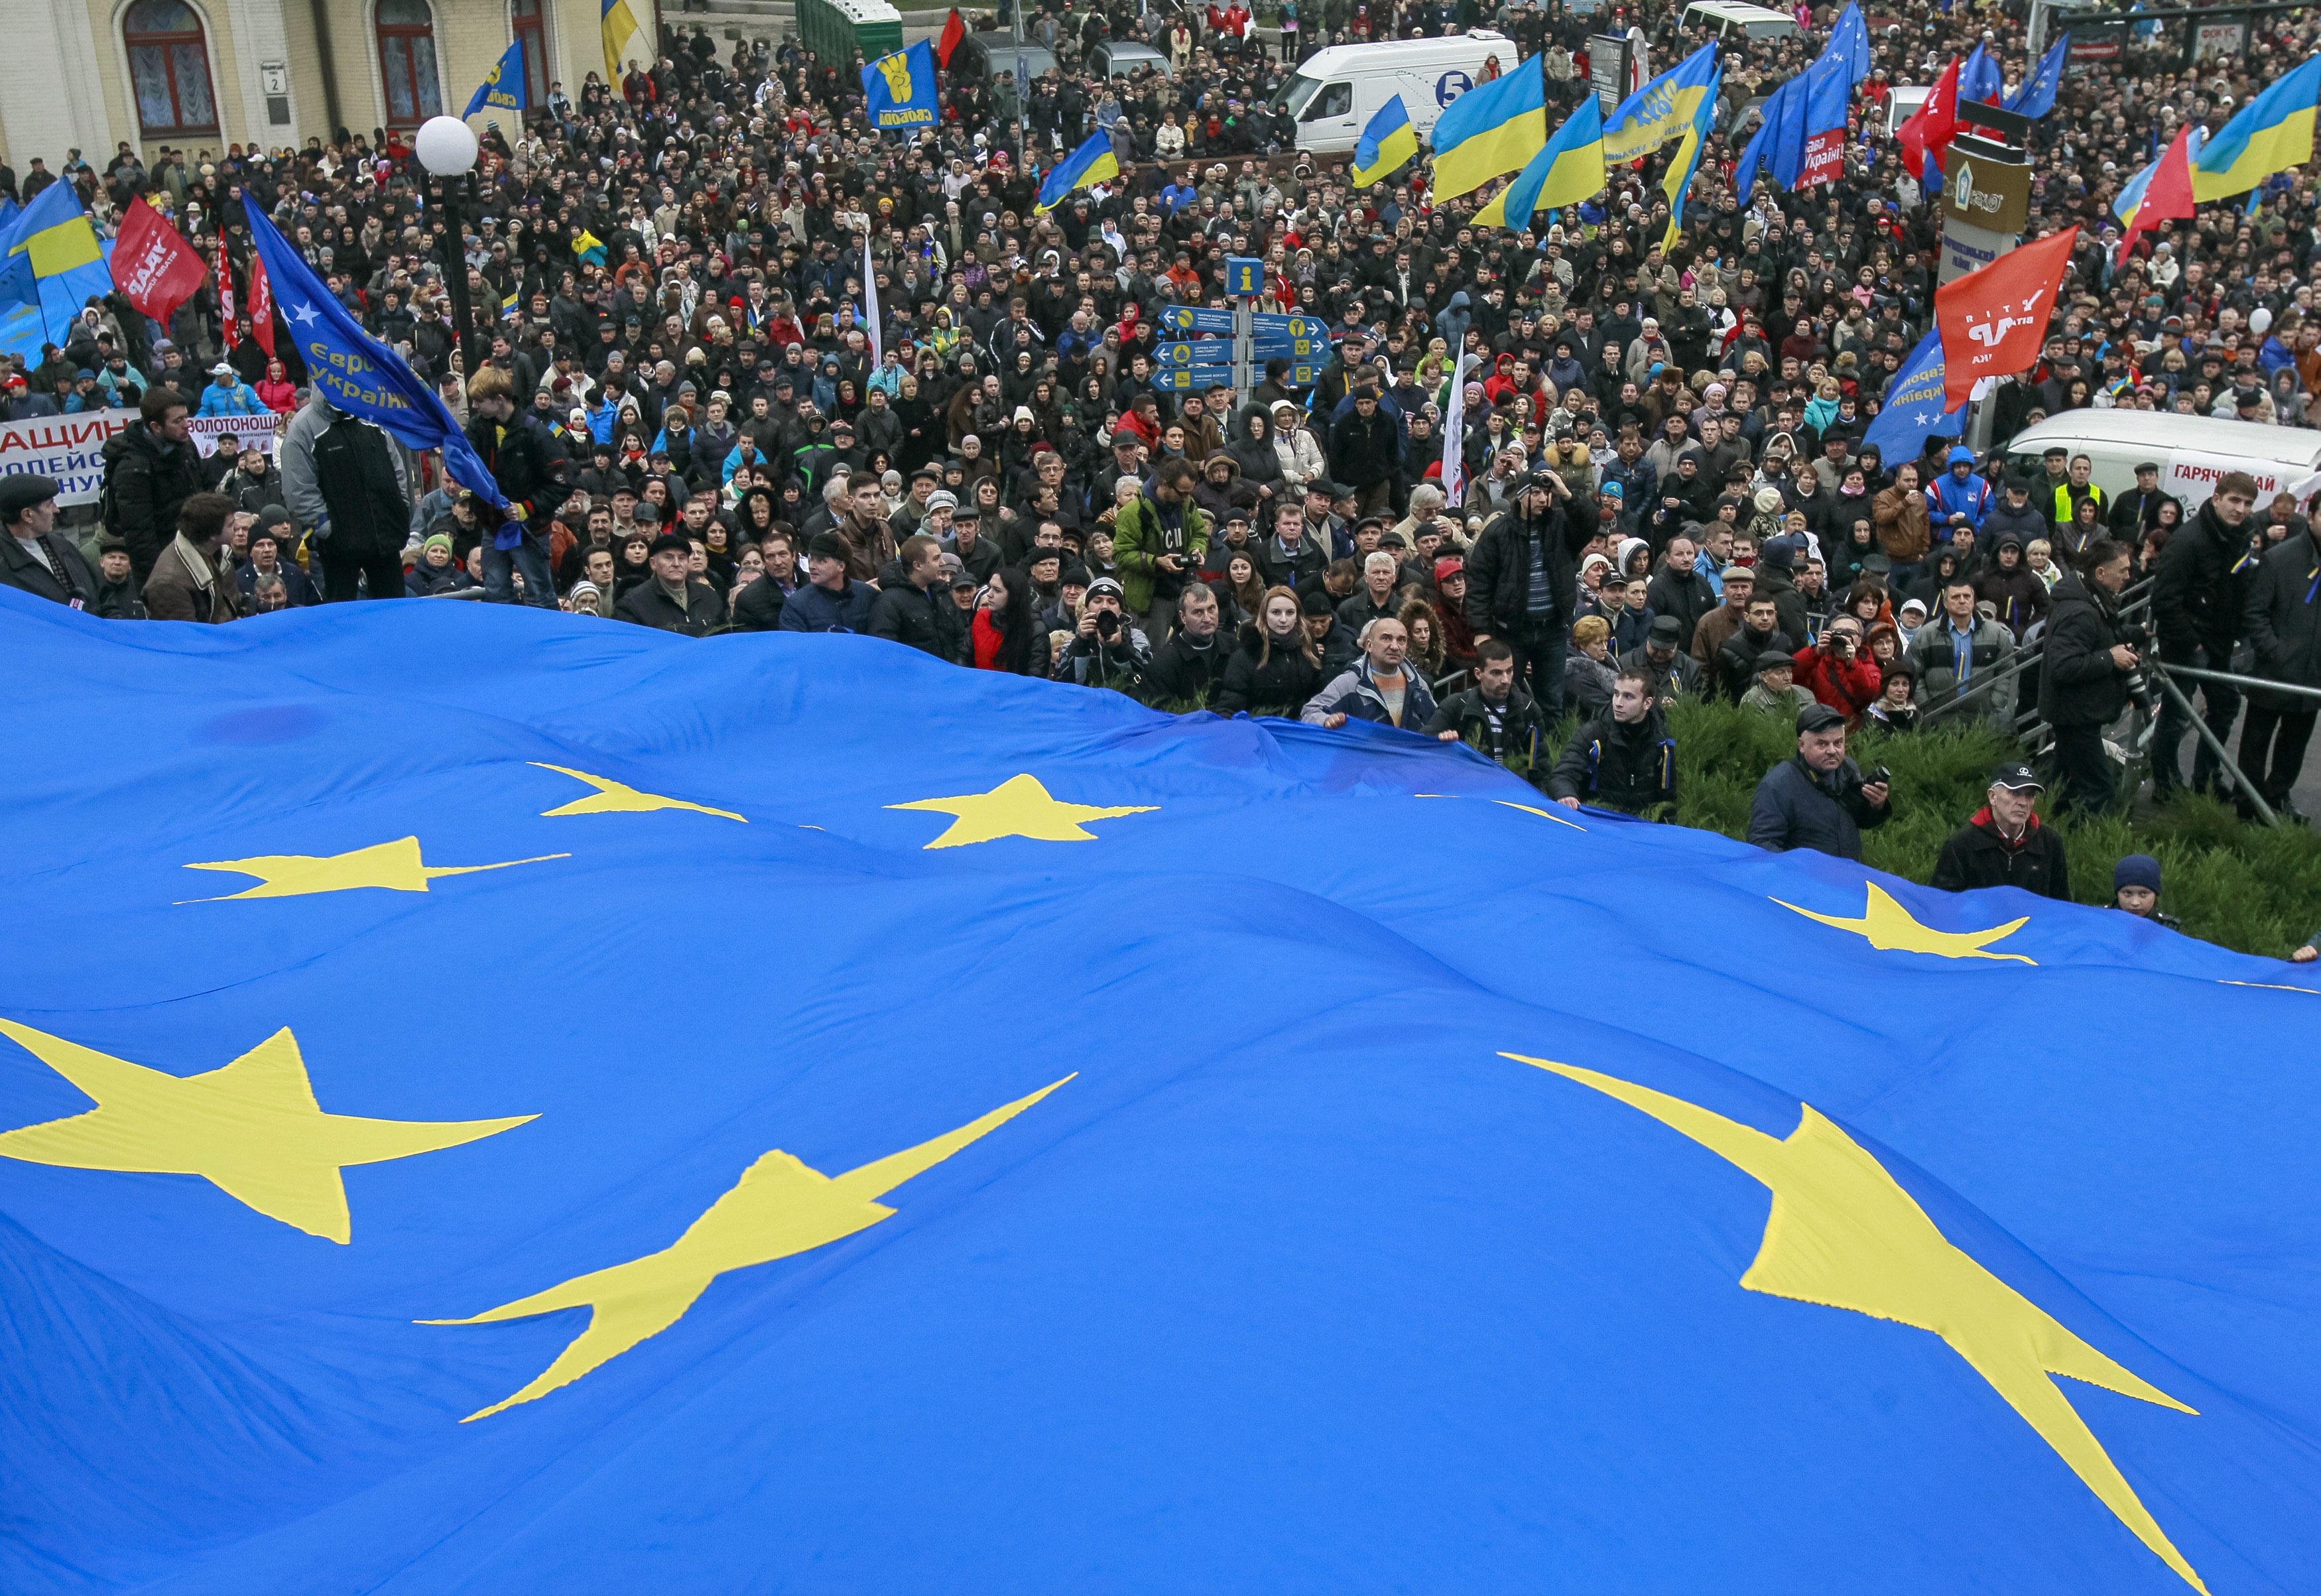 Oddalenie Ukrainy od Unii Europejskiej